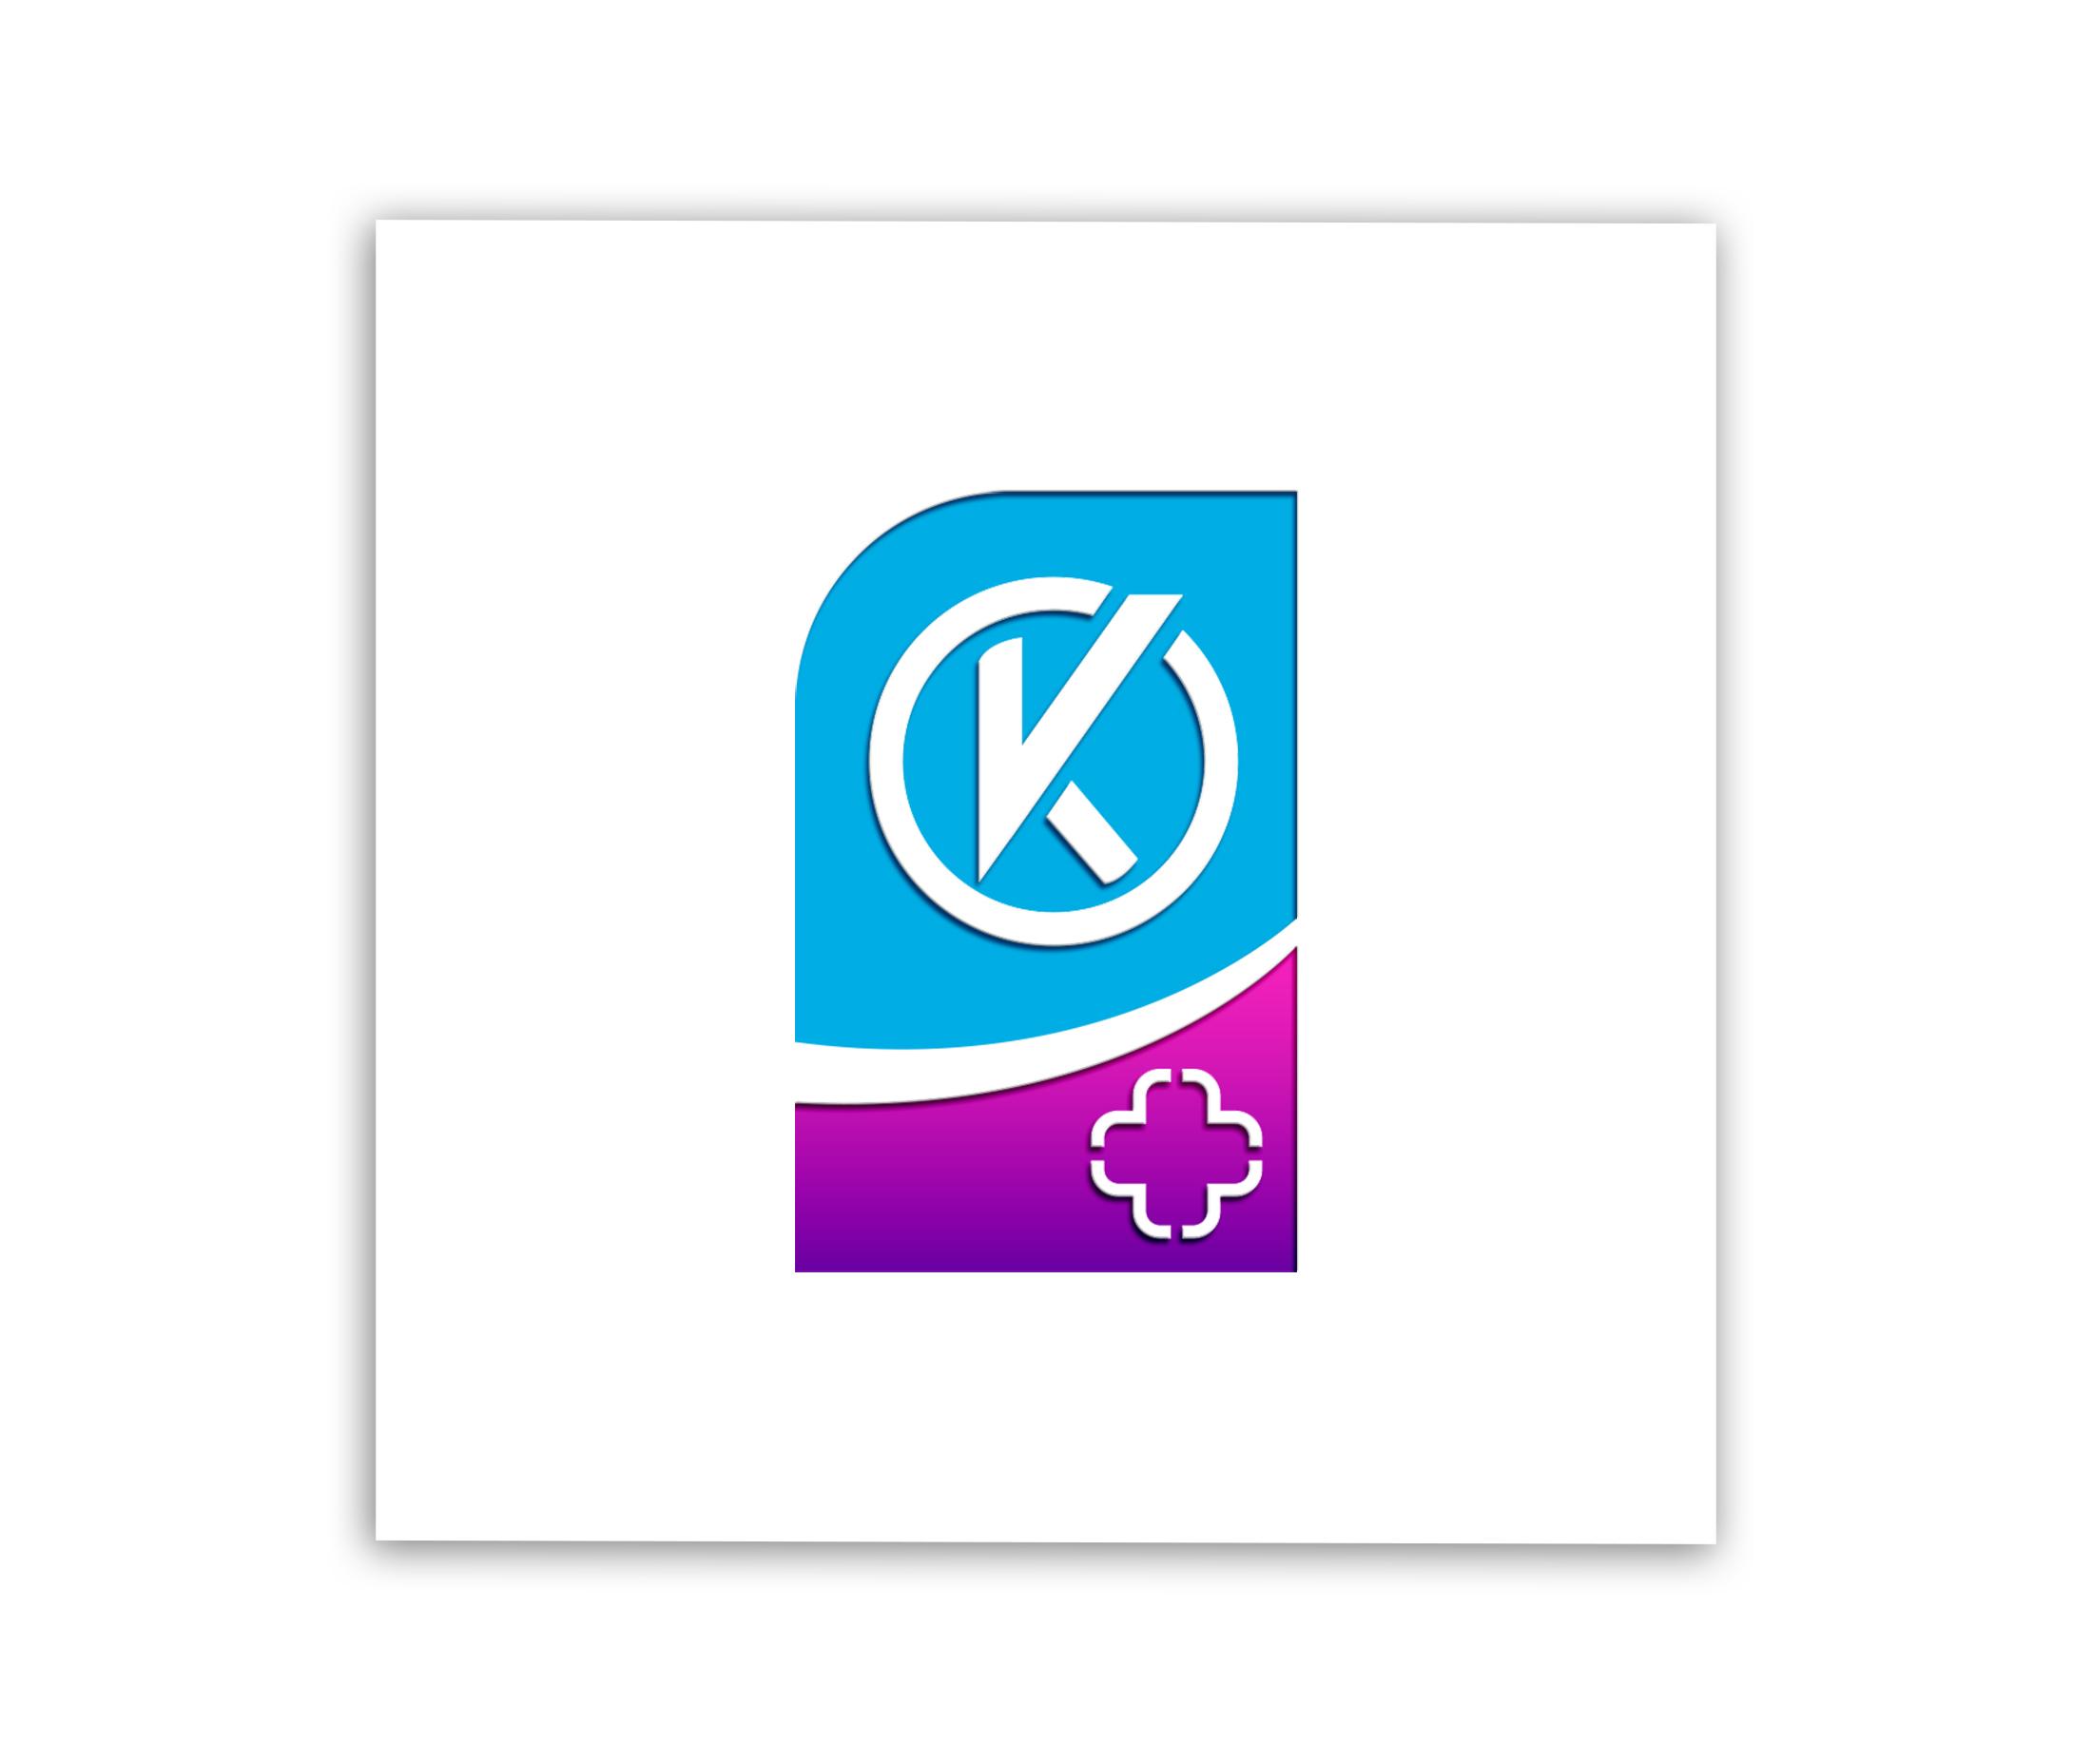 Логотип и фирменный стиль частной клиники фото f_5395c93fabc42320.jpg